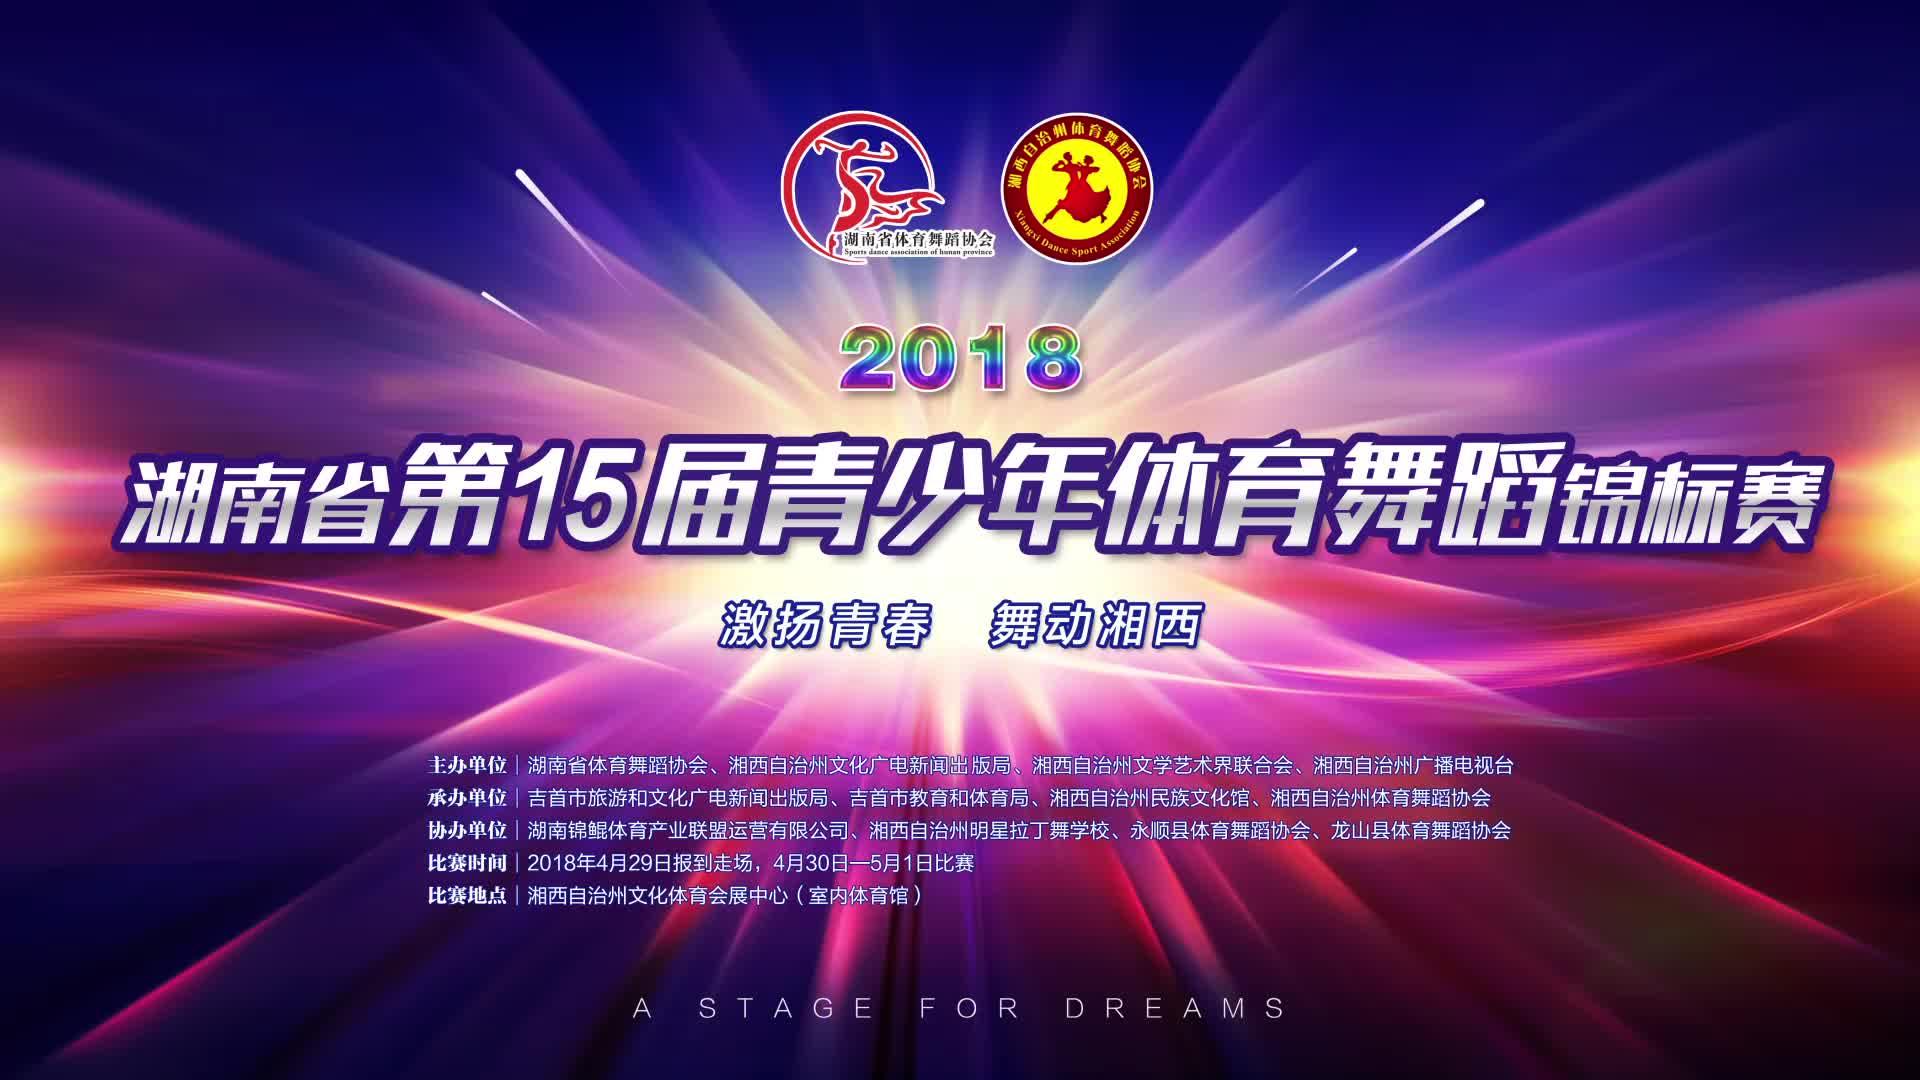 2018年湖南省第15届青少年体育舞蹈锦标赛